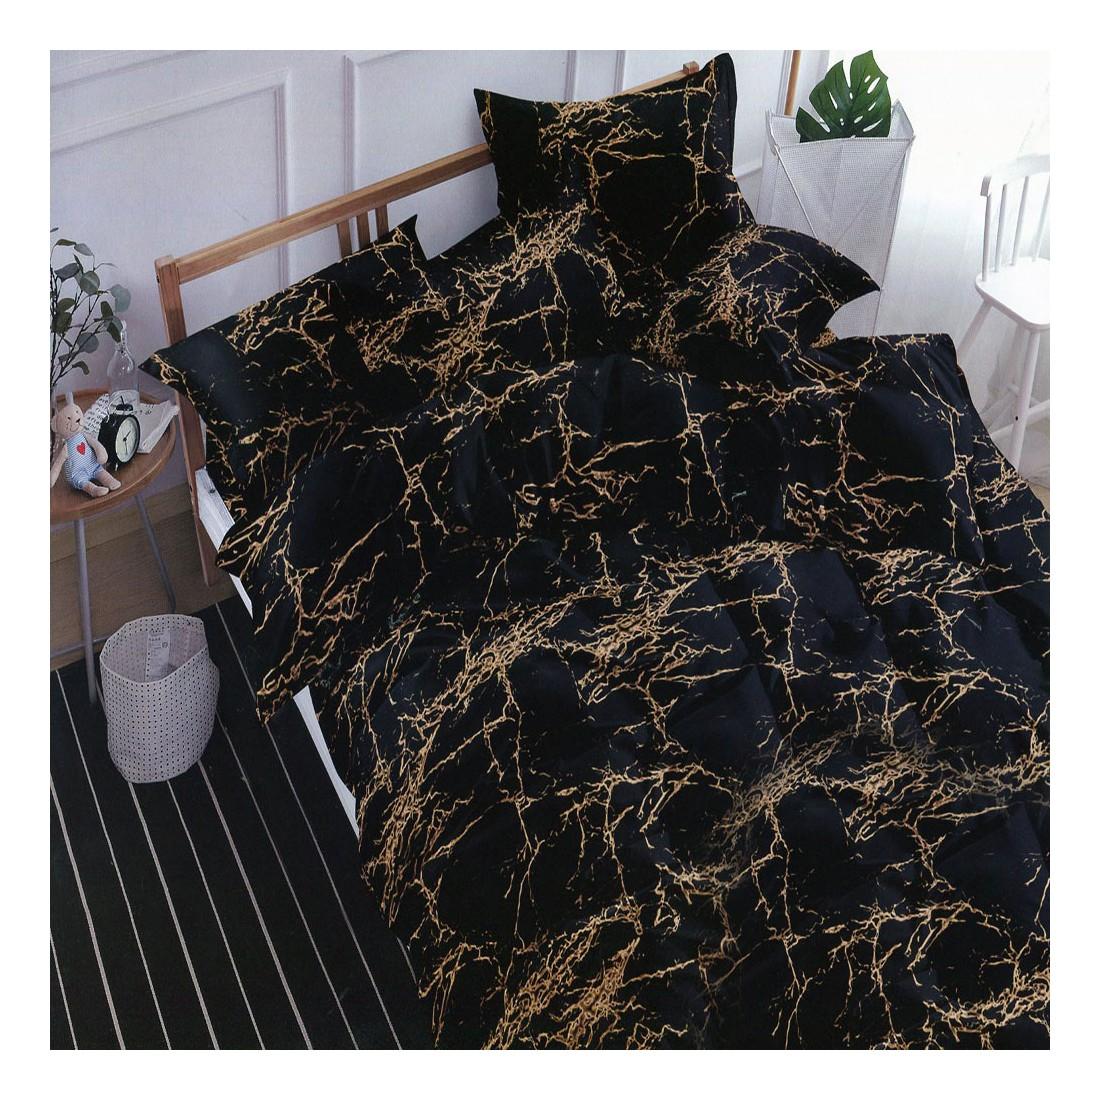 Czarna pościel wzór marmurkowy 160x200